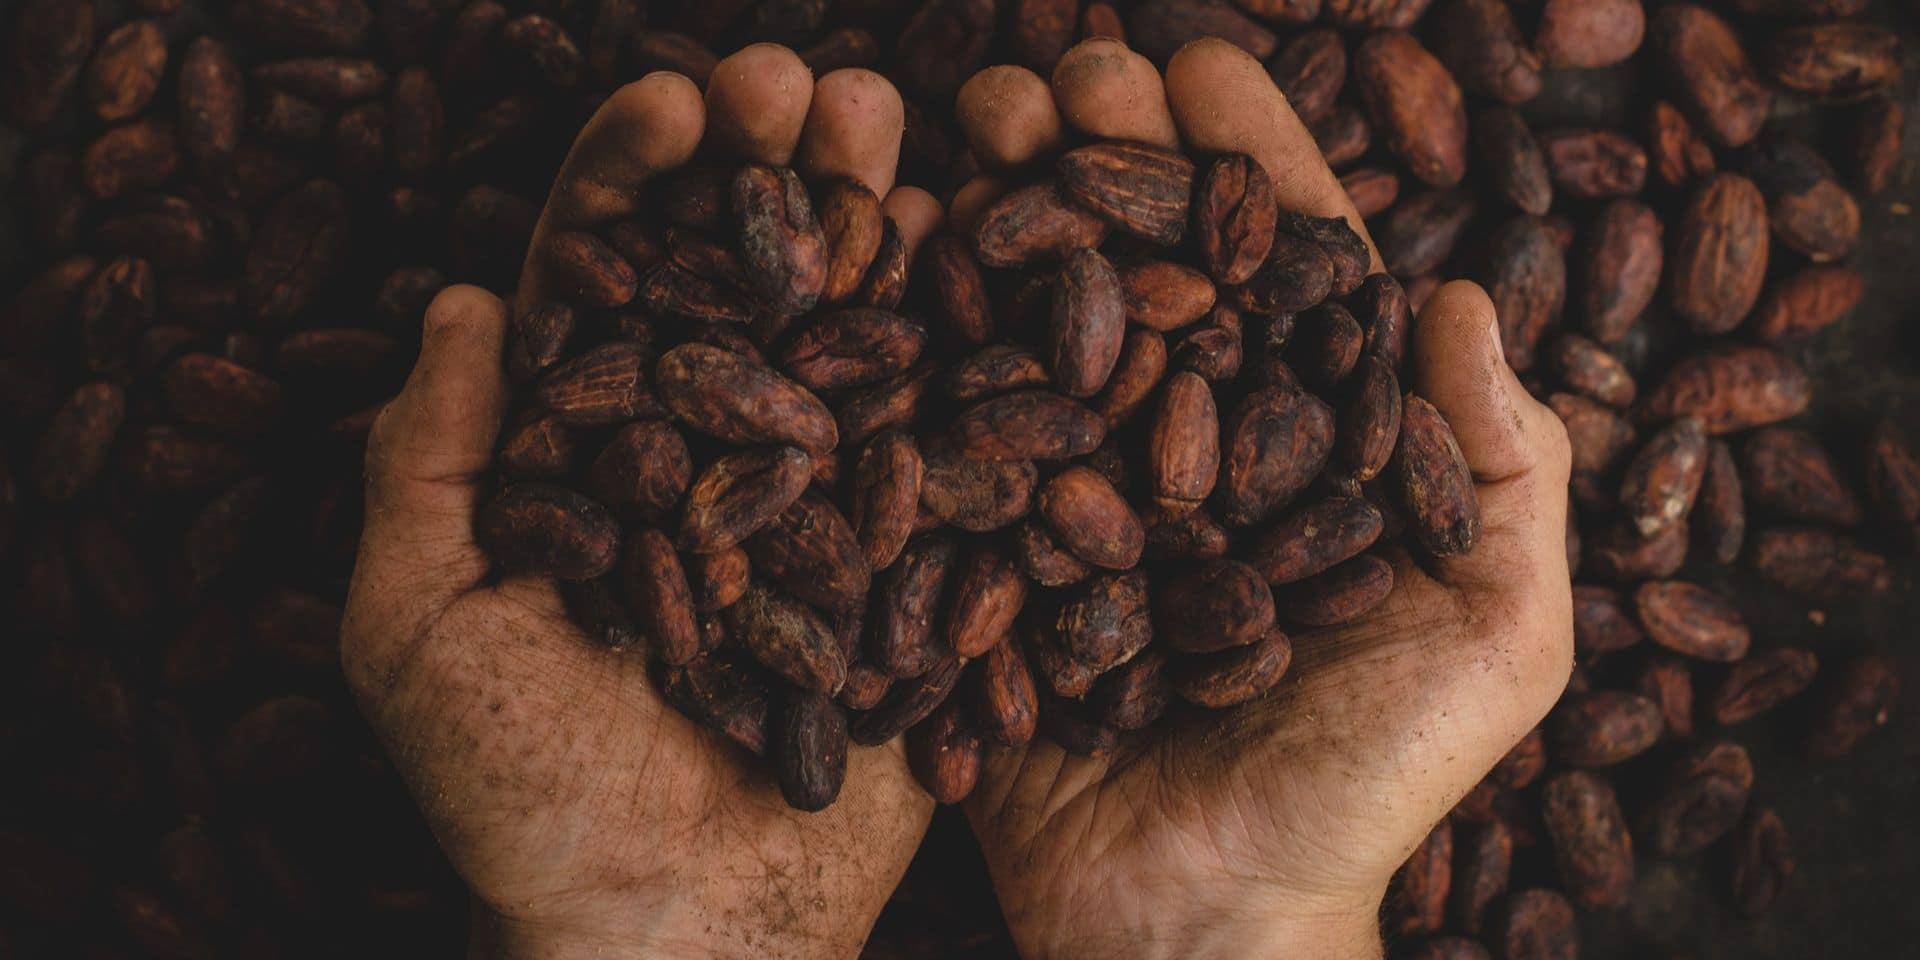 Pourquoi le chocolat est-il si important dans nos vies ?